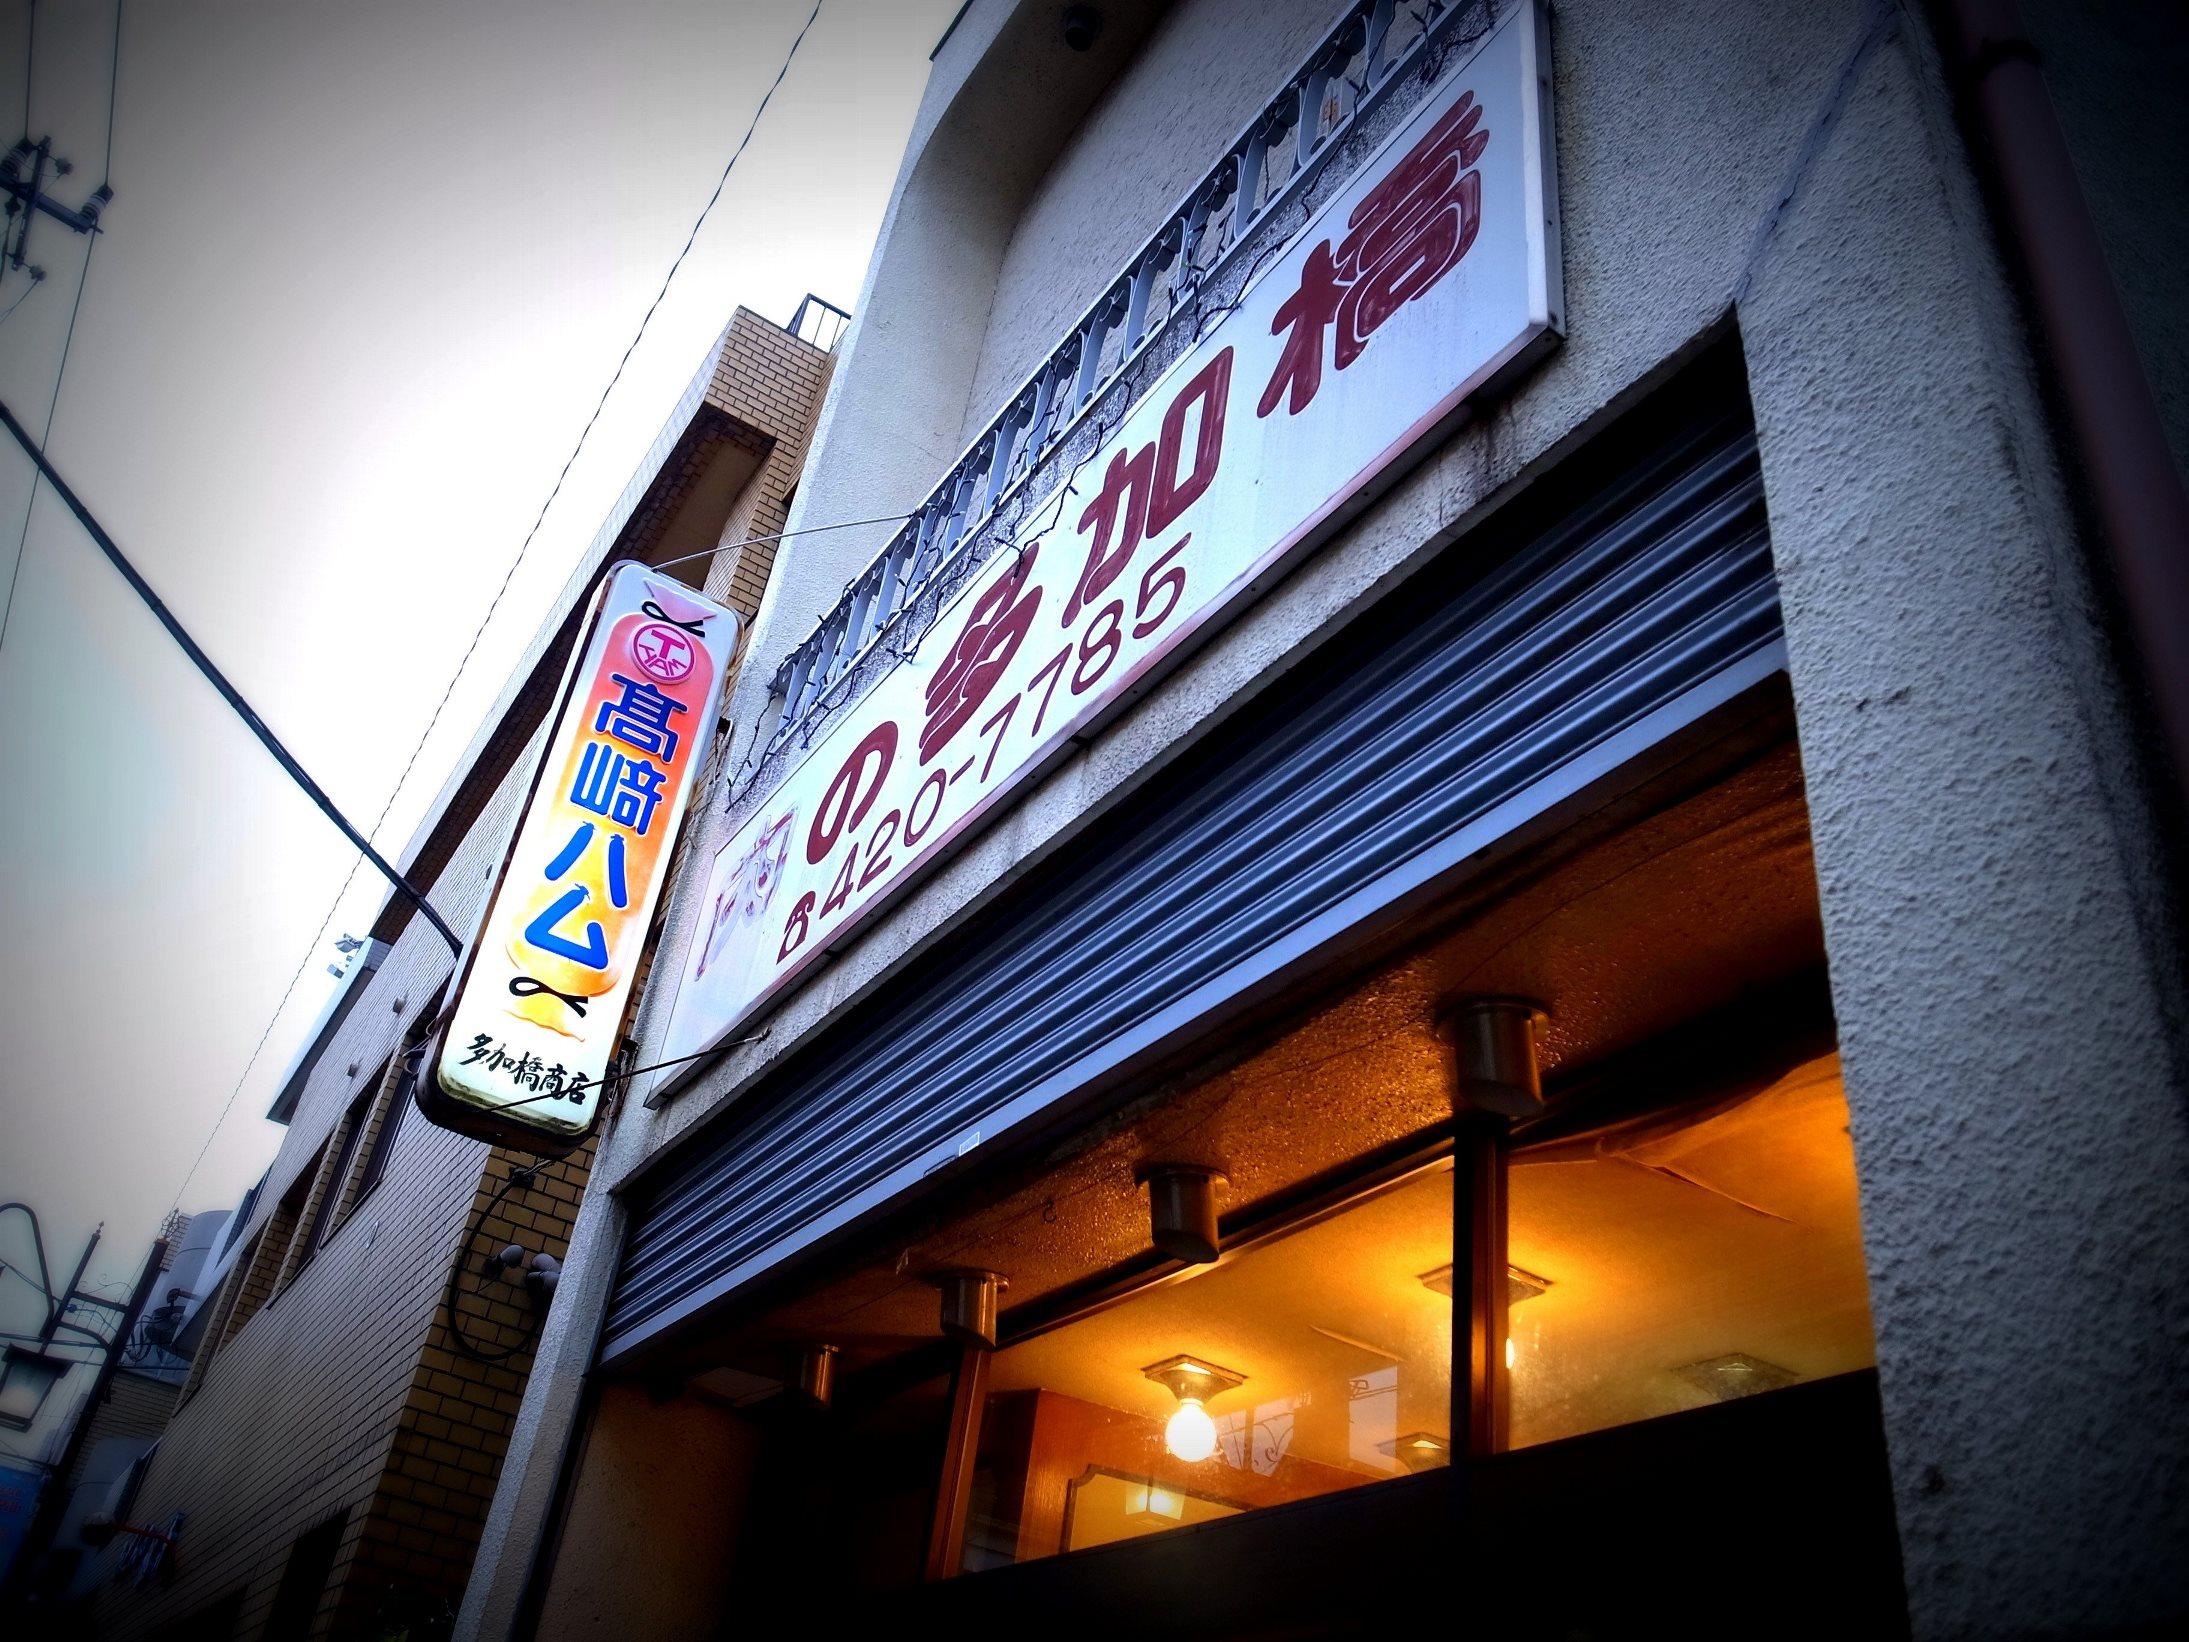 梅ヶ丘のお肉屋さん「肉の多加橋」